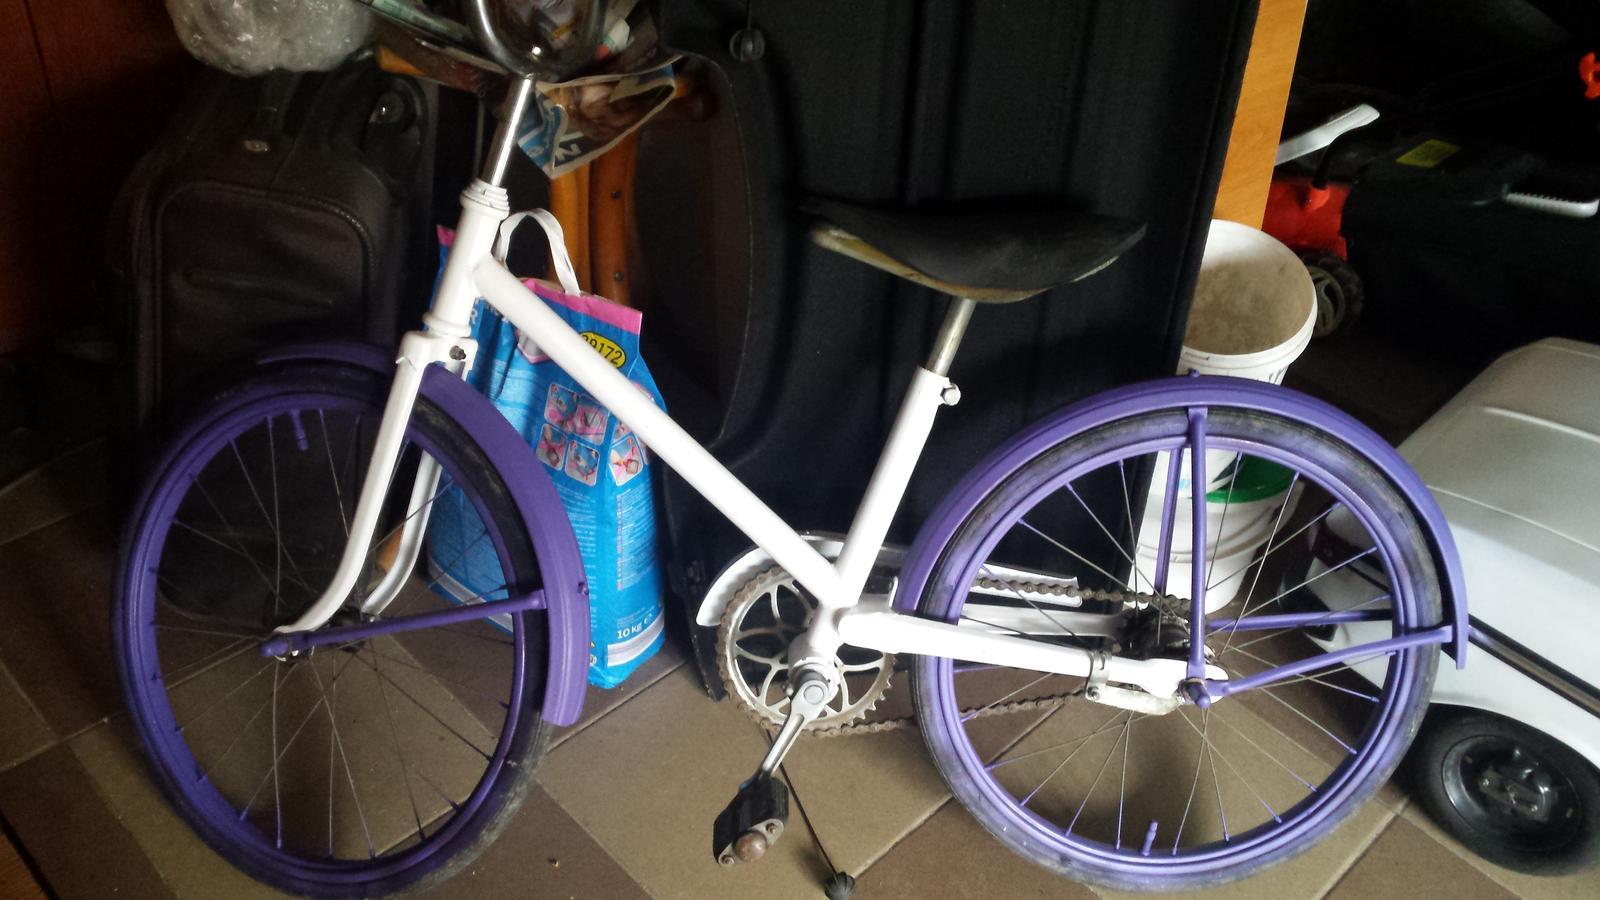 Pomaly zbierame ☺ - Bicykel ešte potrebuje úpravy, ako košík s kvetmi, dať do poriadku pneumatiky, ale základ je.